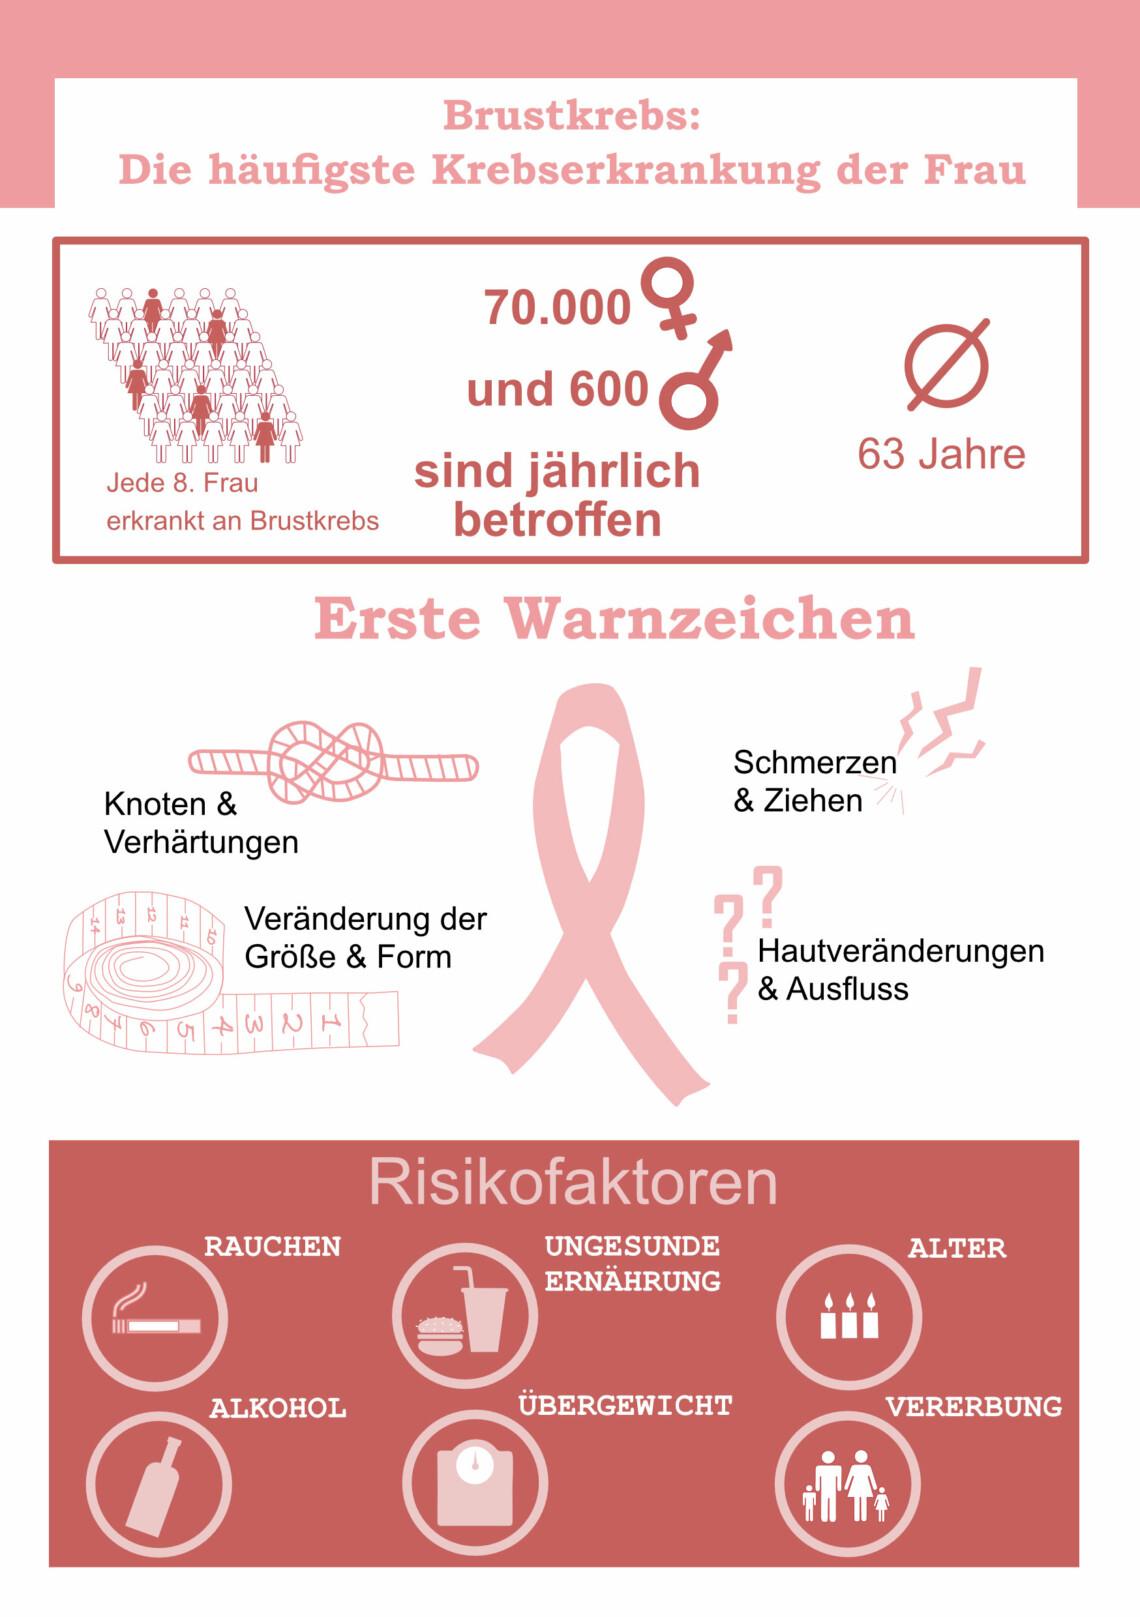 Brustkrebs: Wichtige Fakten und Tipps im Überblick